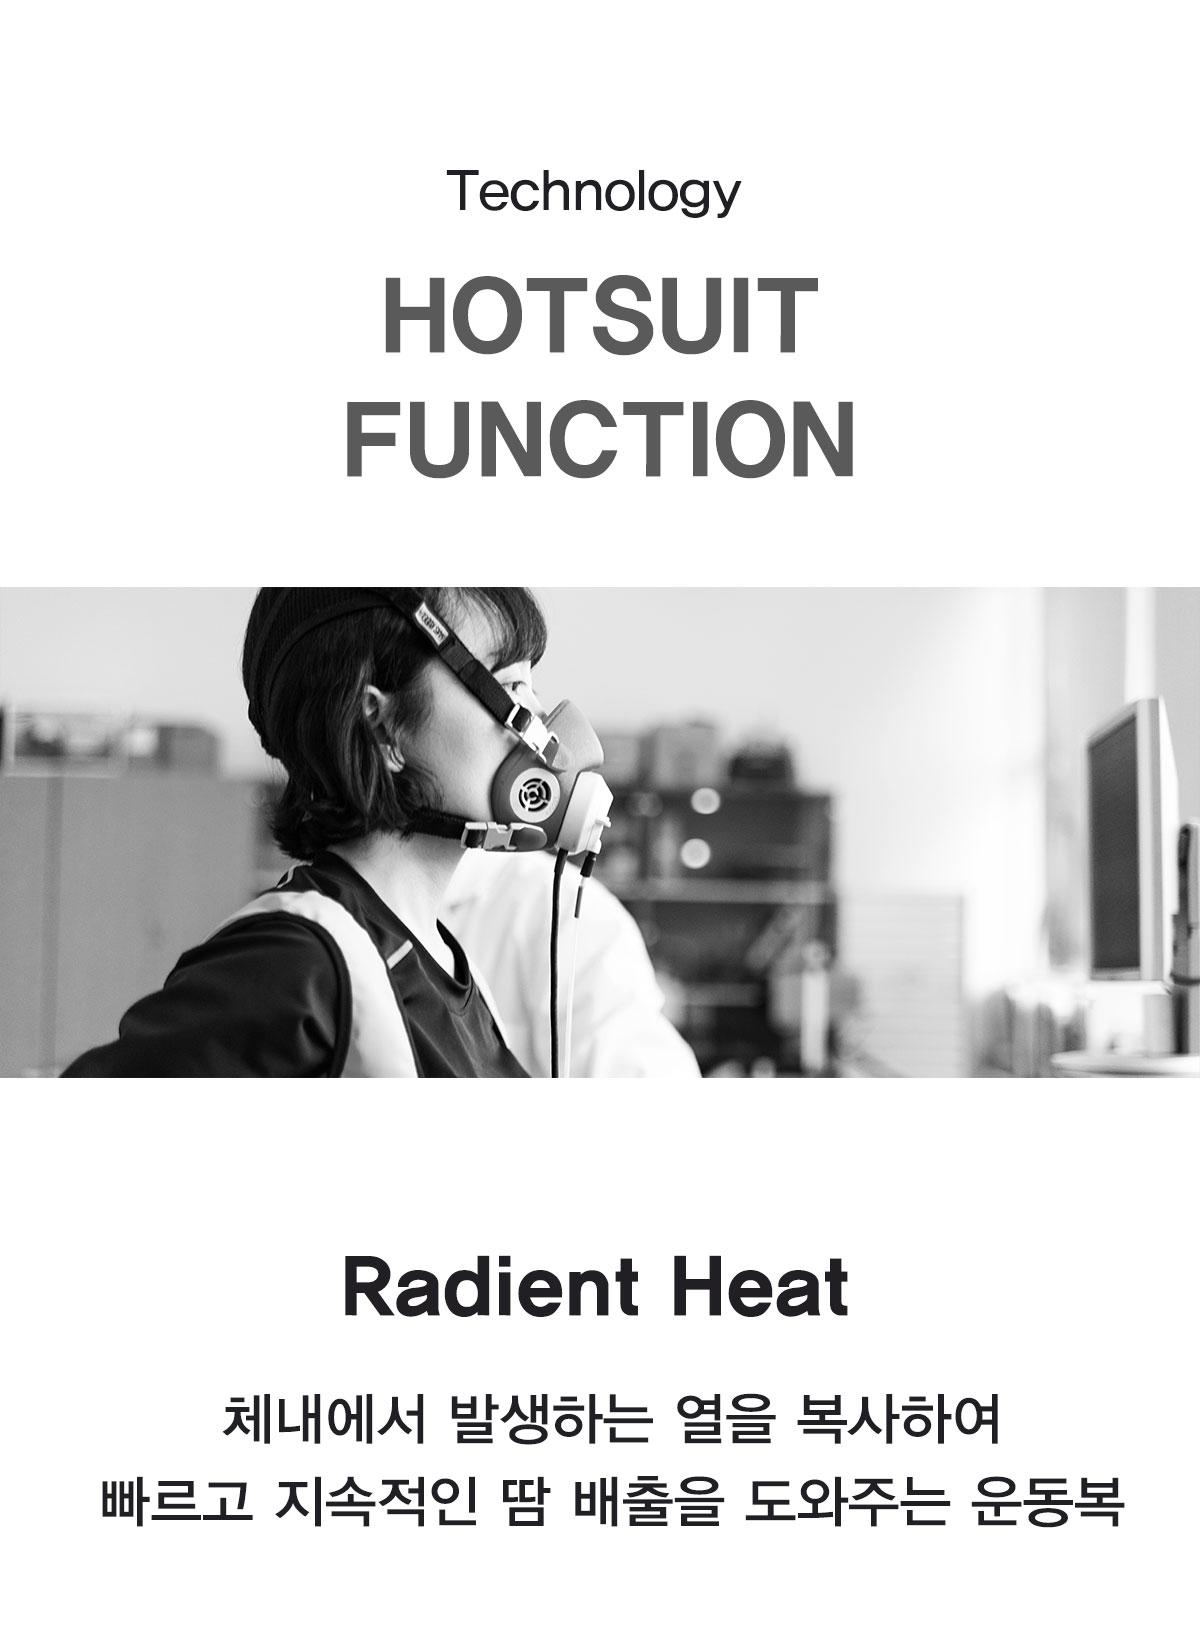 Radient Heat 체내에서 발생하는 열을 복사하여 빠르고 지속적인 땀 배출을 도와주는 운동복